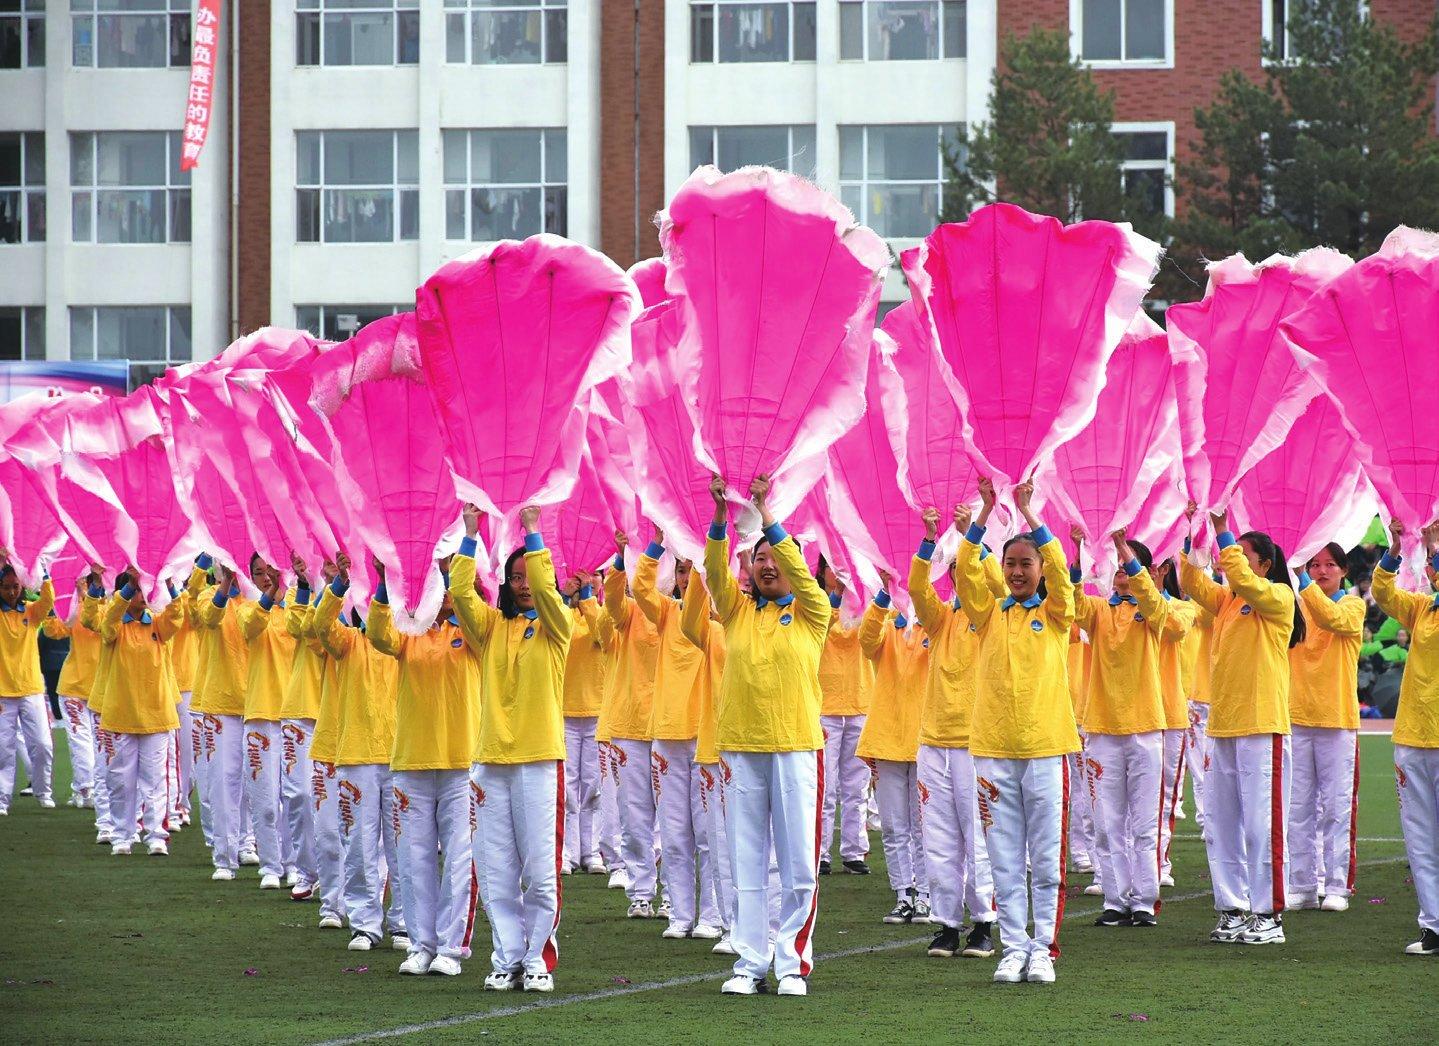 让青春在激情中绽放-吉林华桥外国语学院校报电子版